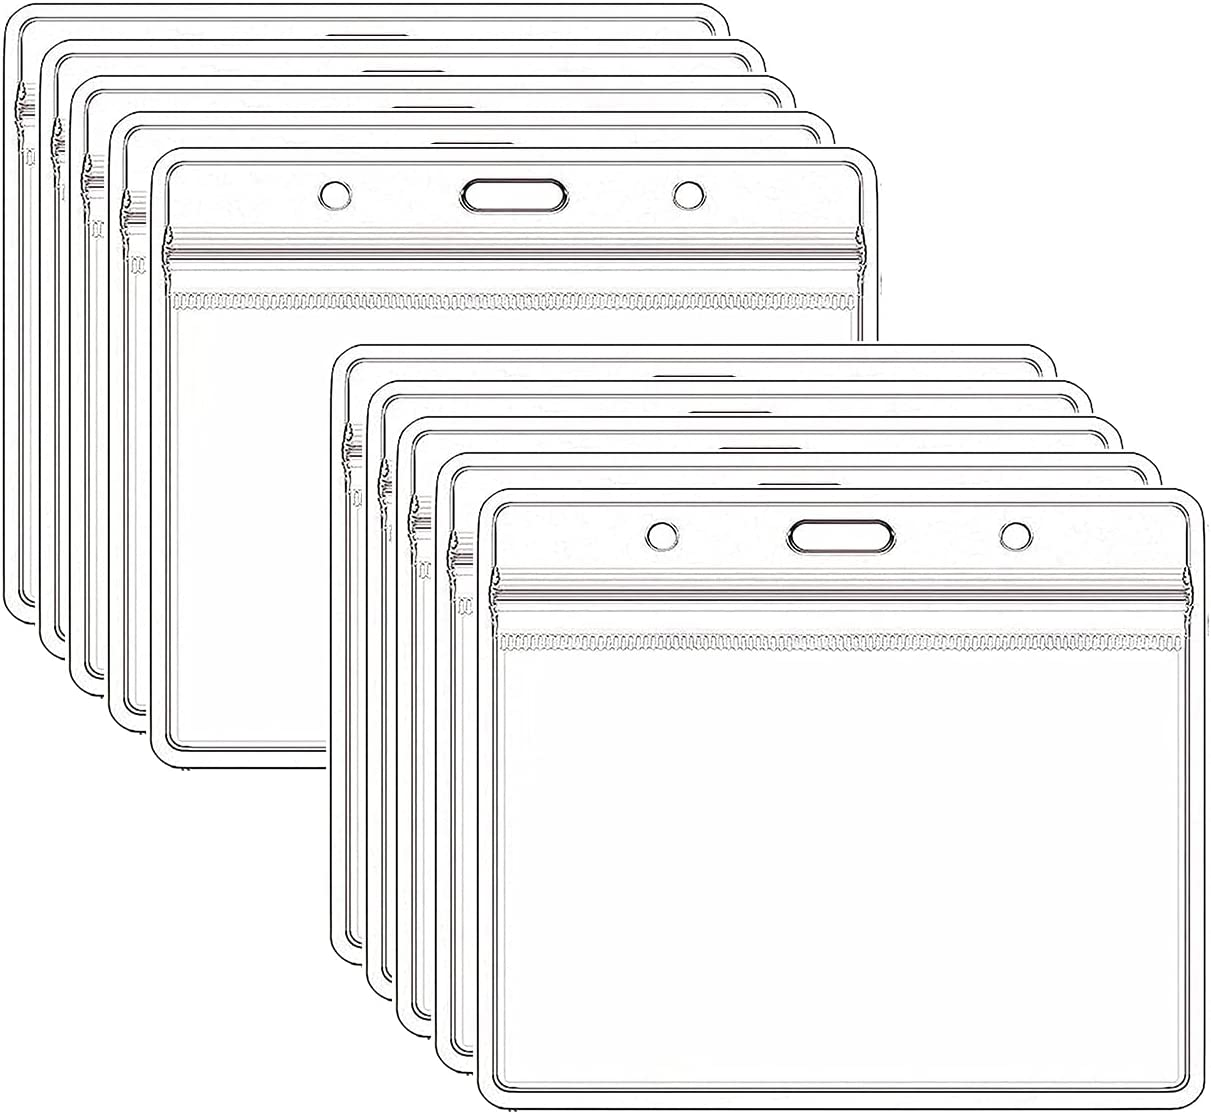 KAJUDA 4 years warranty Badge Choice Card Protector 4 X 3